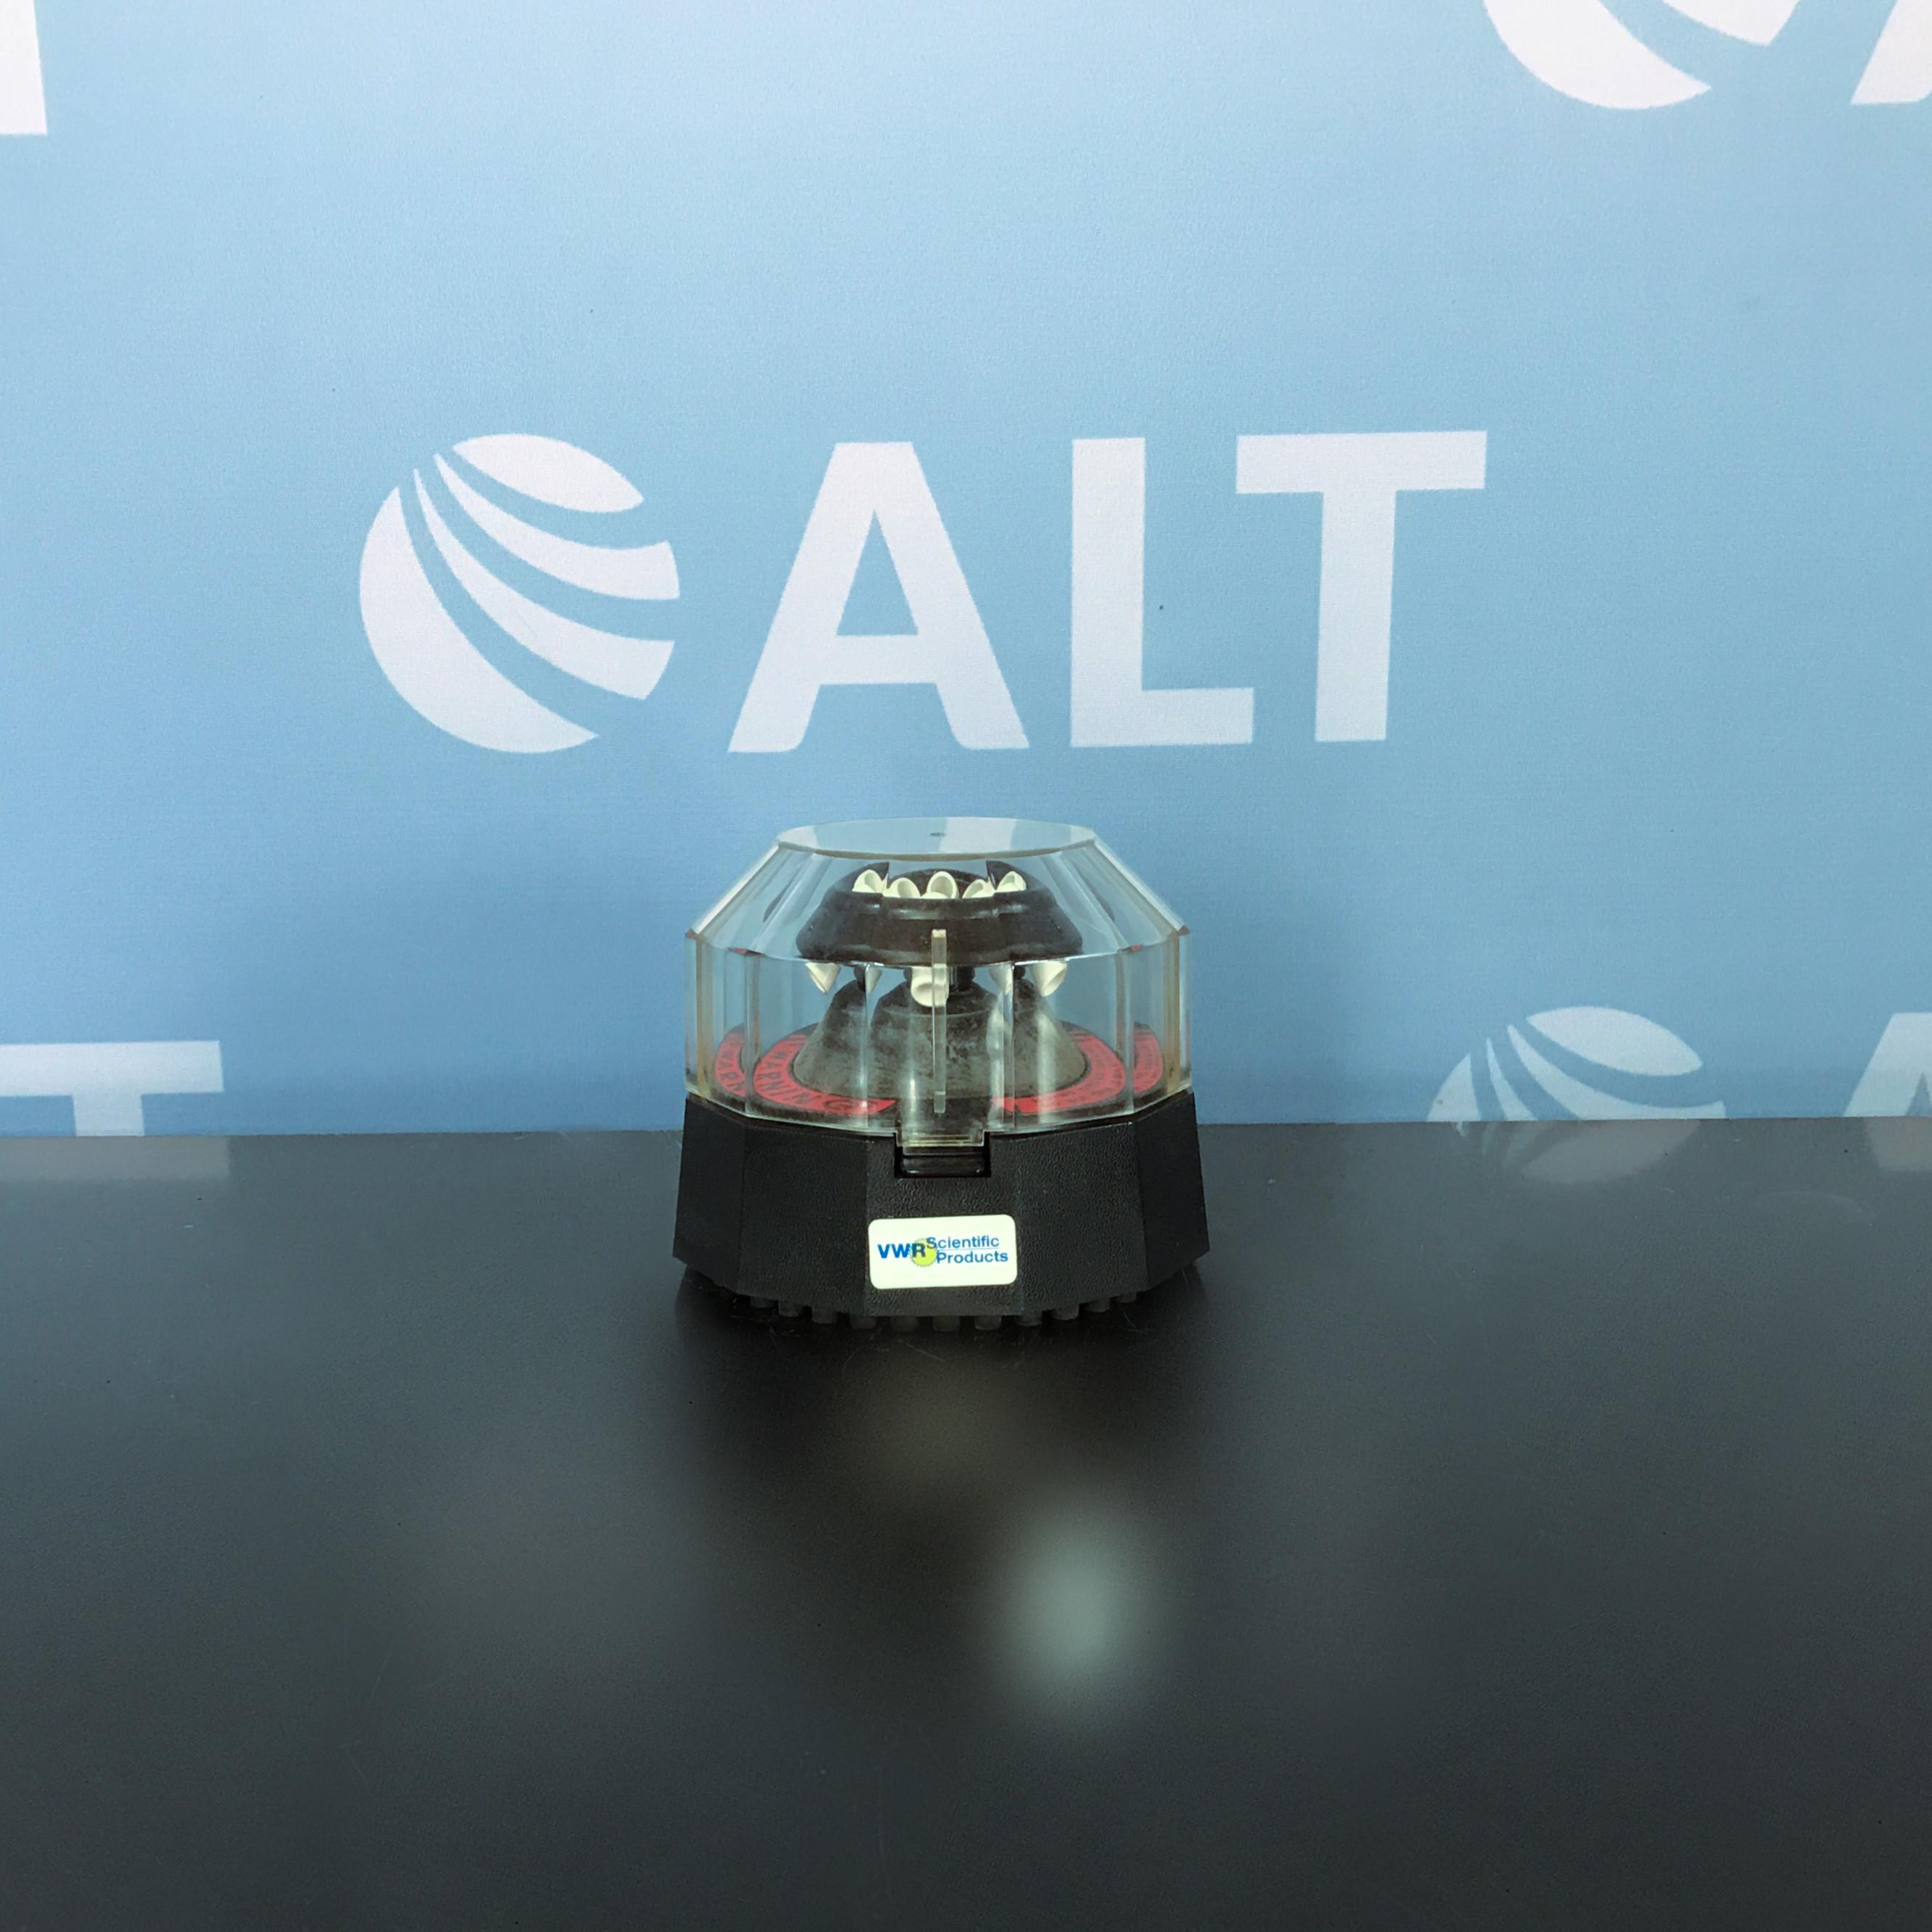 Labnet C-1200 Mini Centrifuge Image